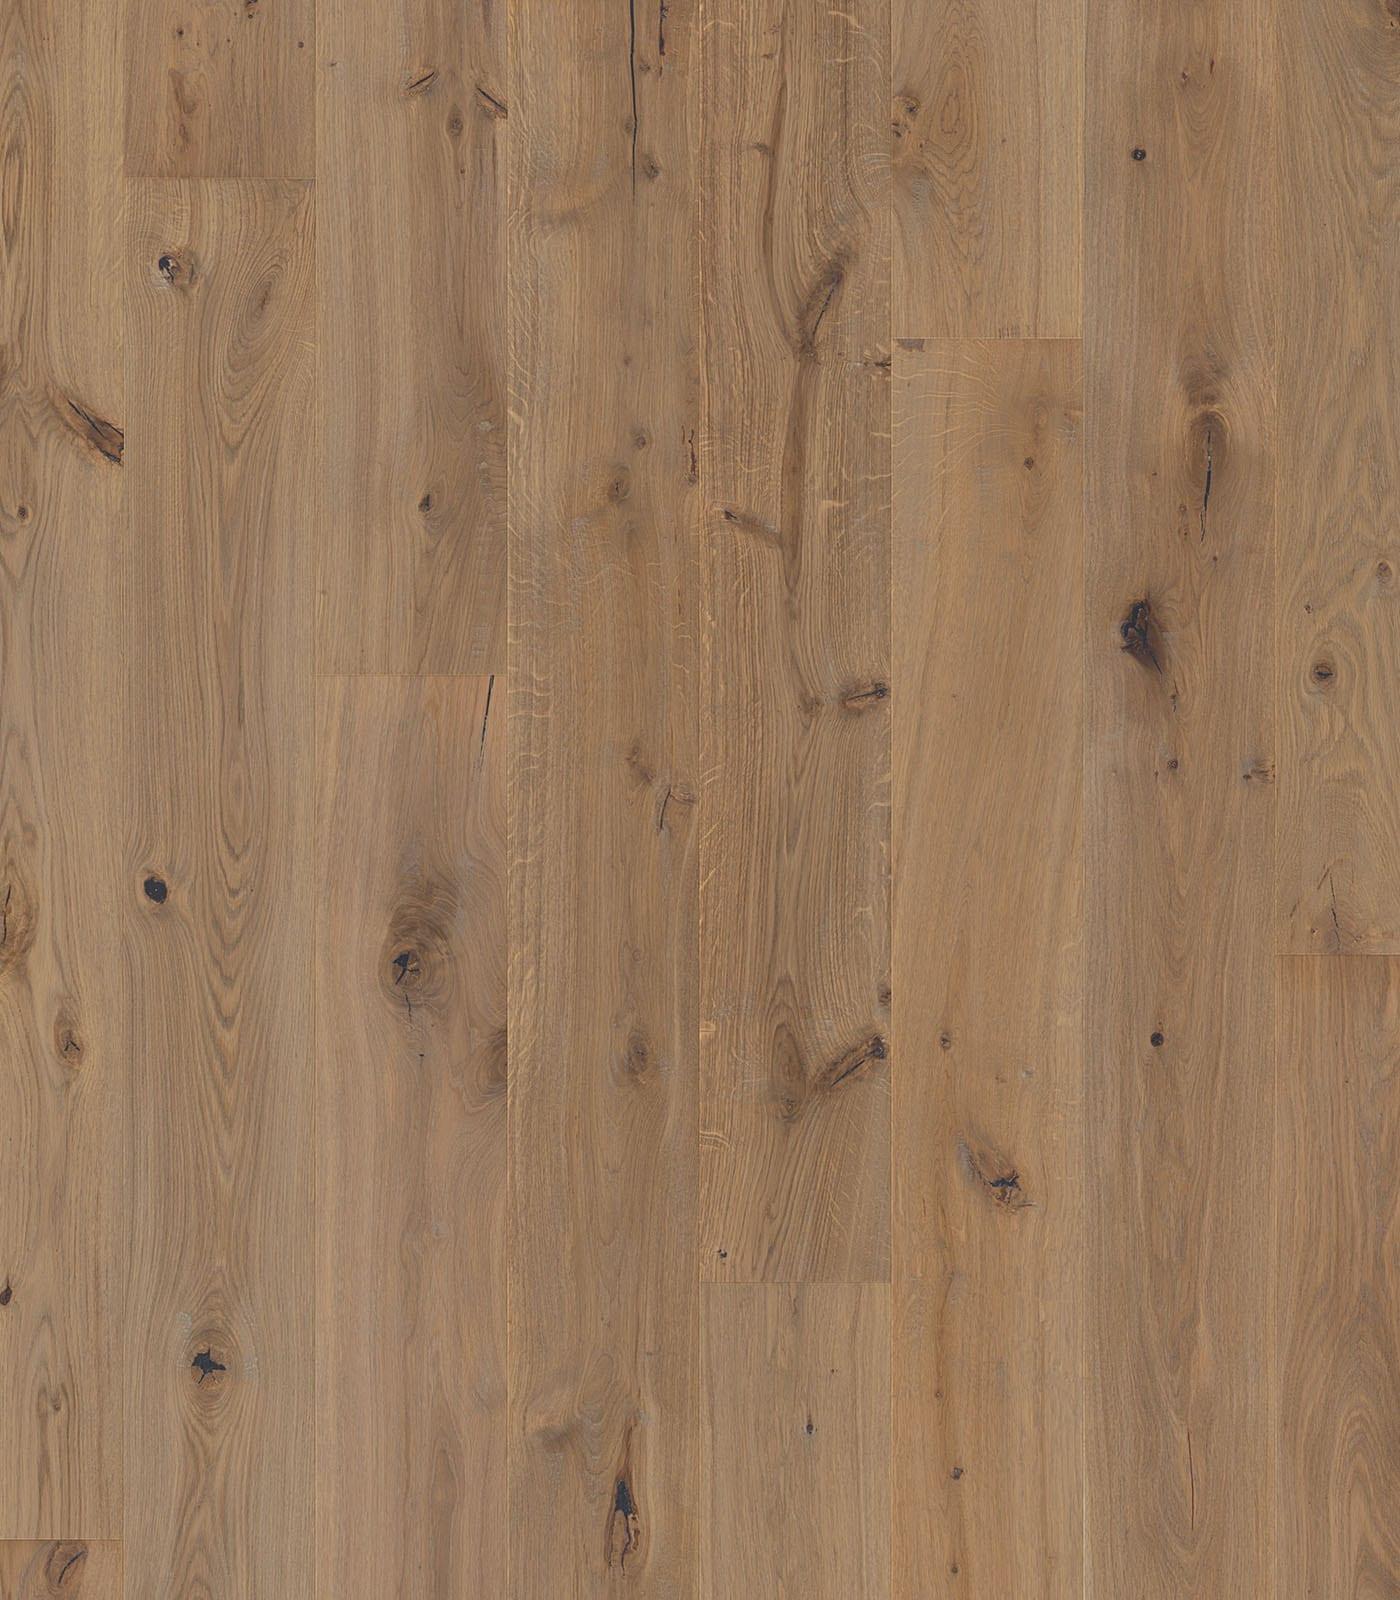 Barbados-Lifestyle Collection-European Oak floors-flat